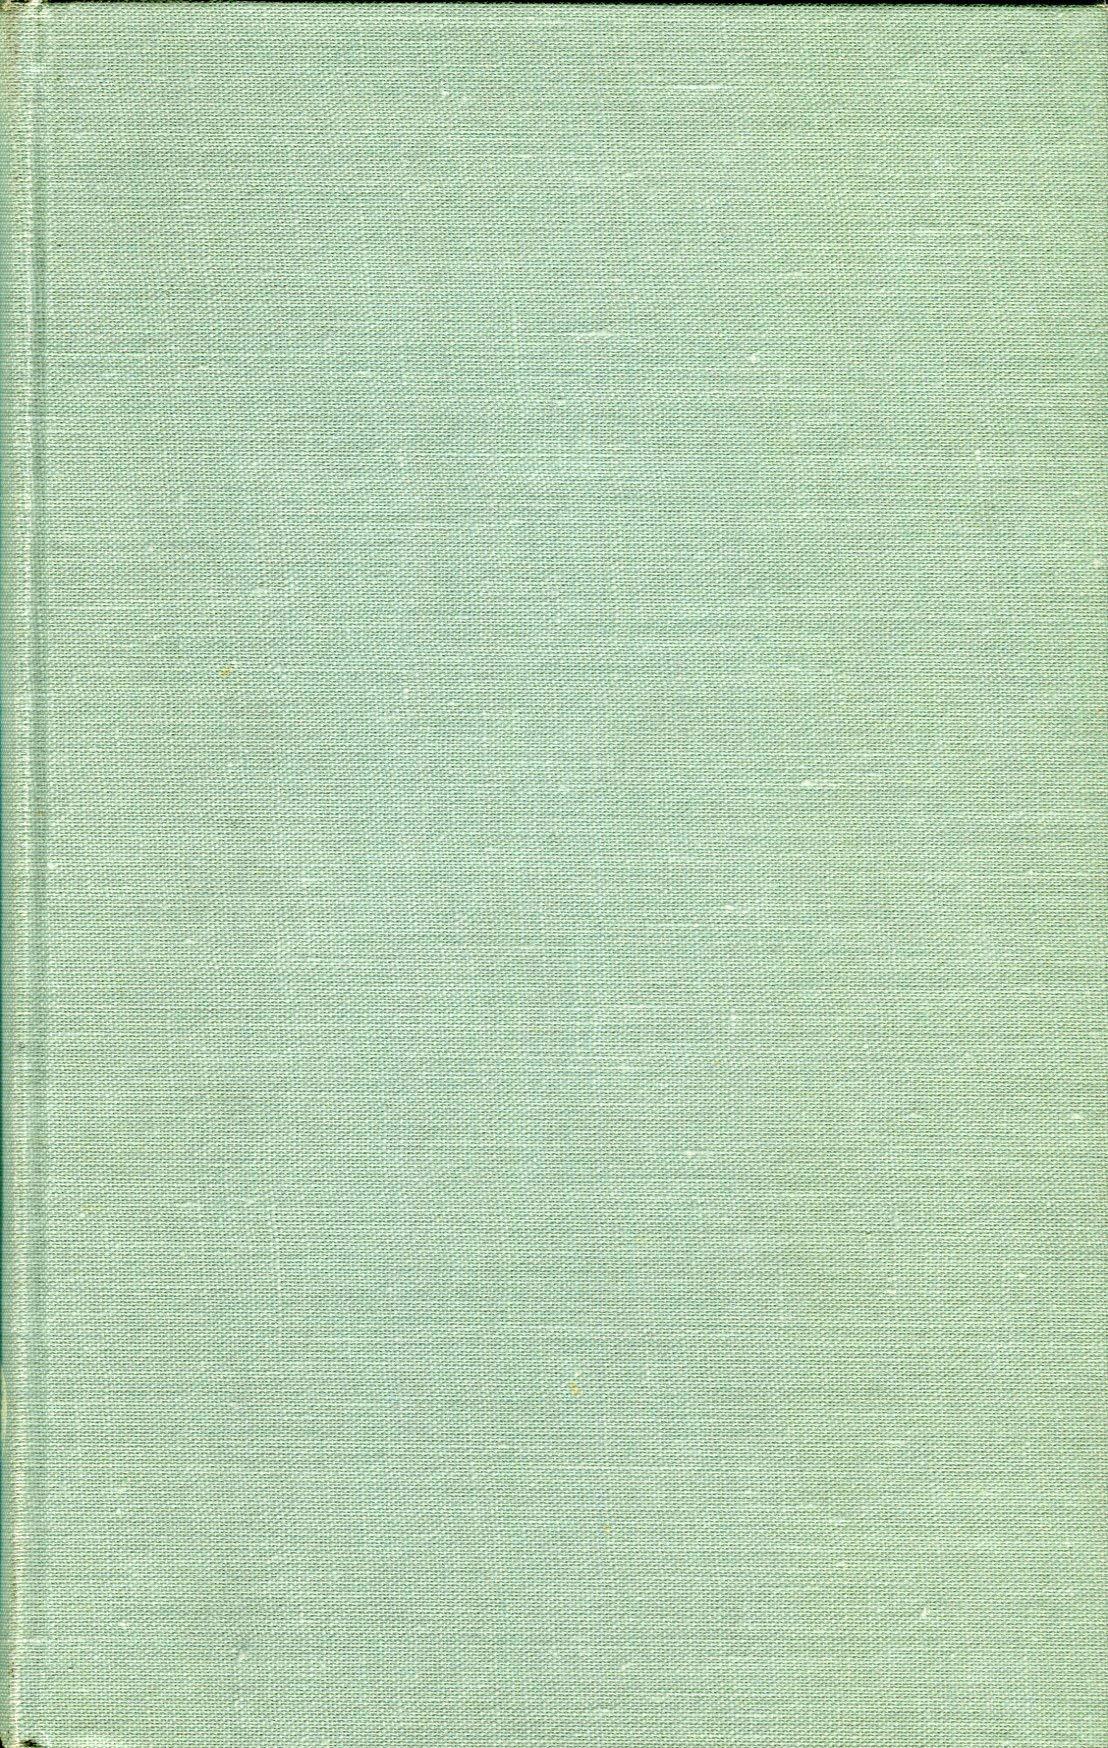 Il giardino dei Finzi-Contini: [romanzo]: Amazon.es: Bassani, Giorgio: Libros en idiomas extranjeros